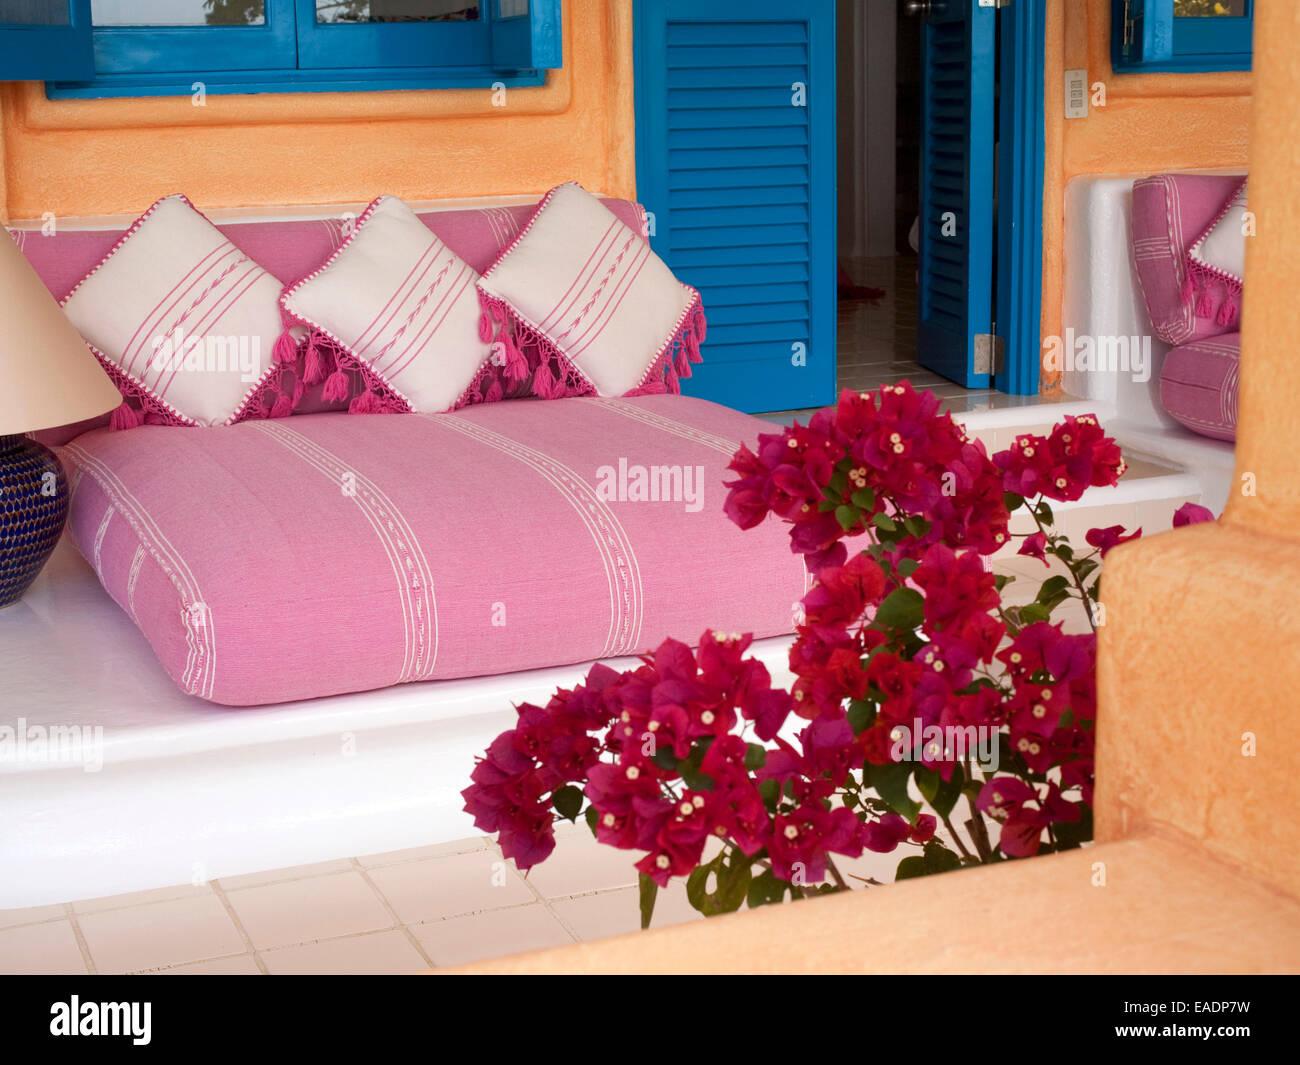 Latin American style sede decorativo in spazi esterni Immagini Stock